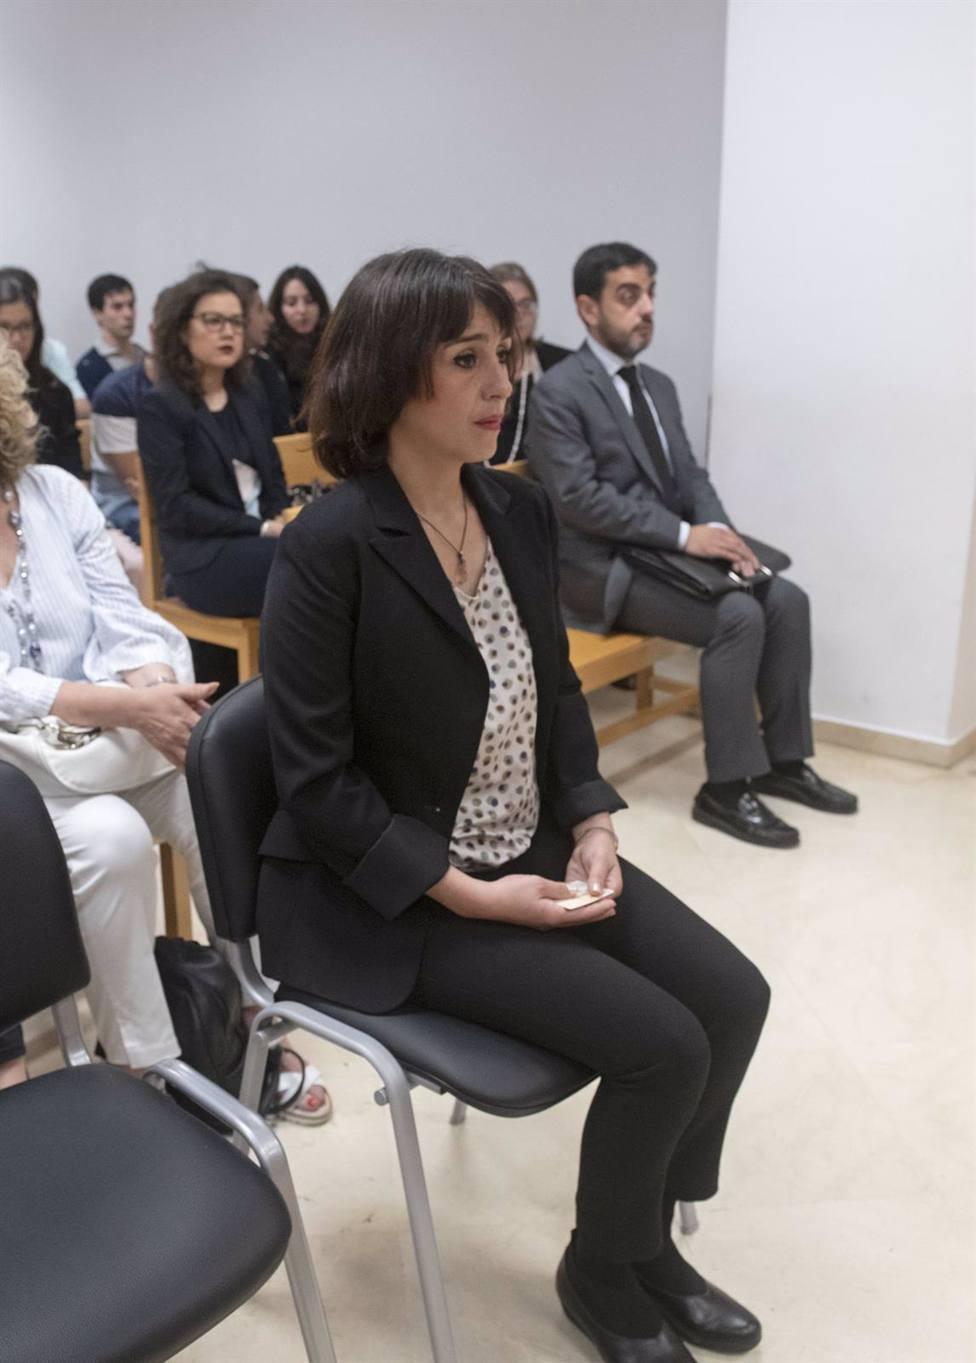 Granada.-Tribunales.-AMP.-Defensa de Juana Rivas anuncia una queja al CGPJ contra el juez por comportamiento irregular